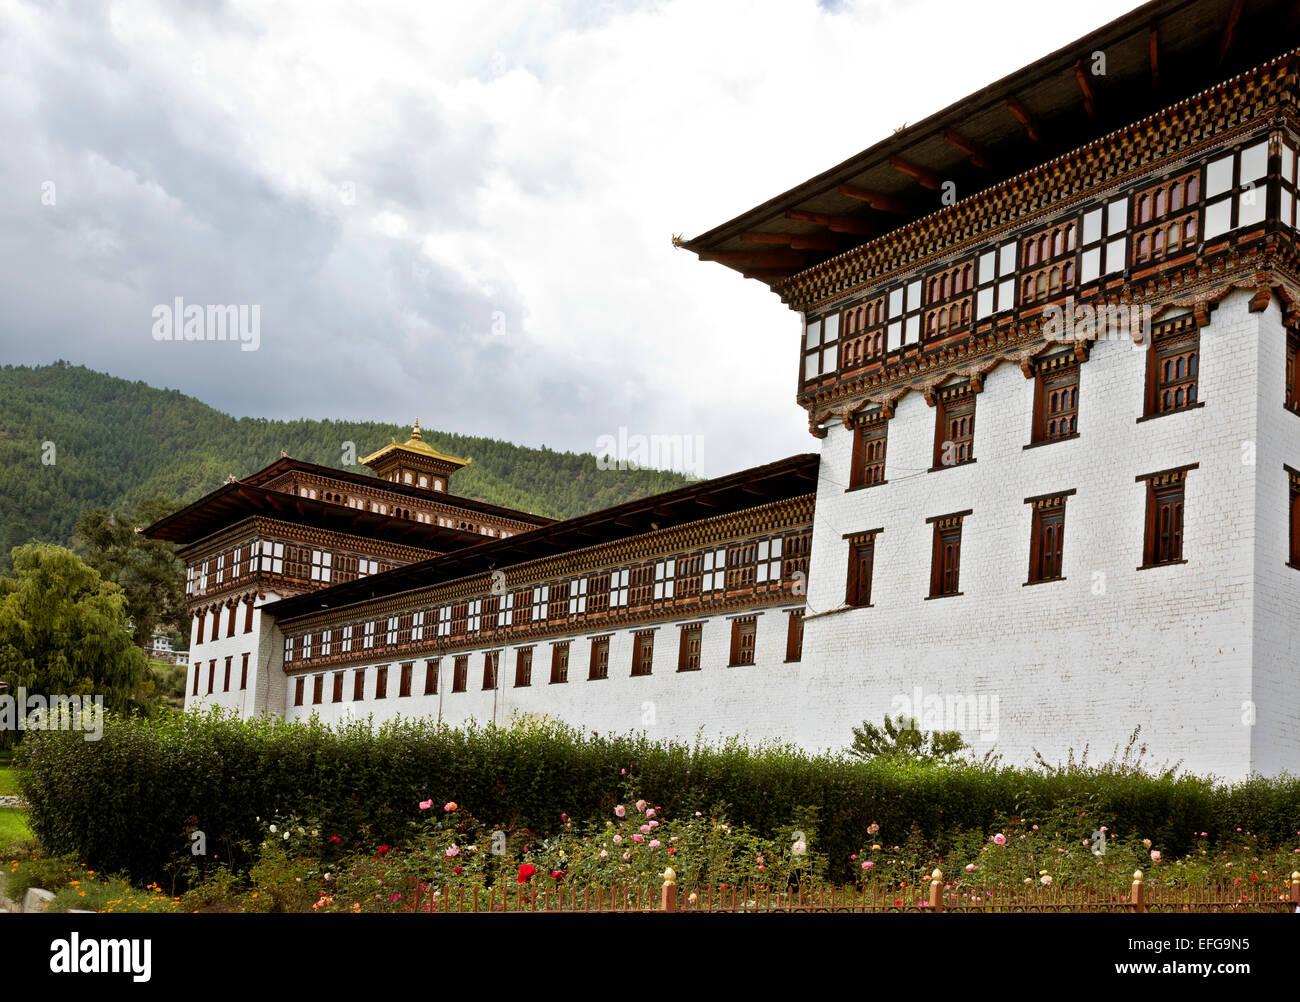 BU00018-00...BHUTAN - Tashichoedzong nella città capitale di Thimphu, centro di governo per il paese. Immagini Stock